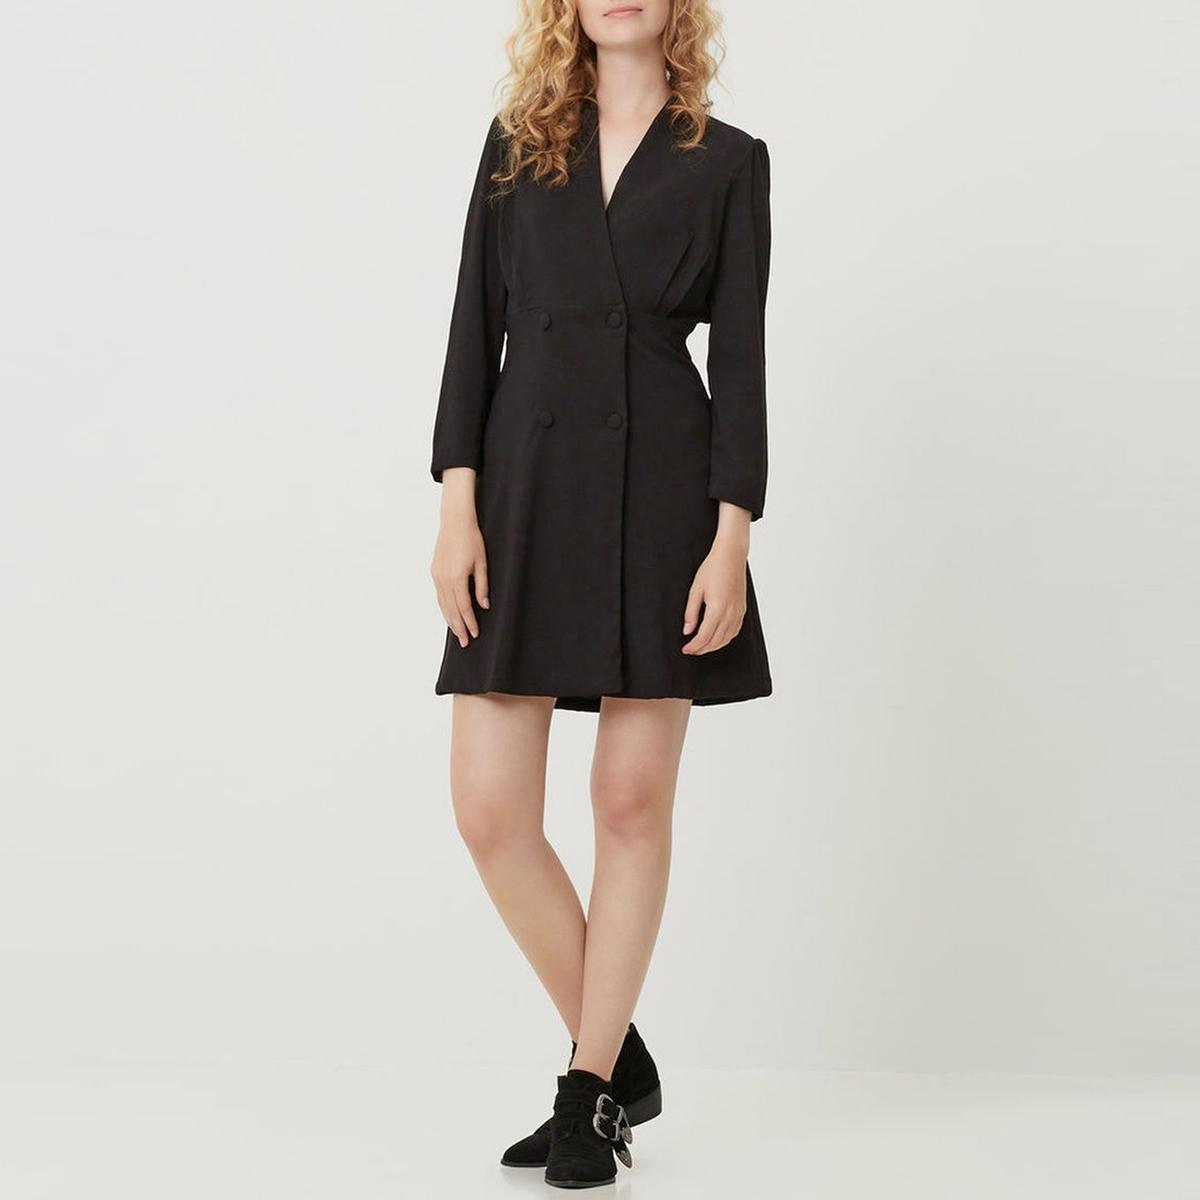 Платье с запахом с длинными рукавамиПлатье с запахом VERO MODA. V-образный вырез. Длинные рукава. Пуговицы на поясе. Вытачки на поясе. Юбка расклешенная.          Состав и описание     Материал        100% полиэстер     Марка        VERO MODA<br><br>Цвет: черный<br>Размер: S